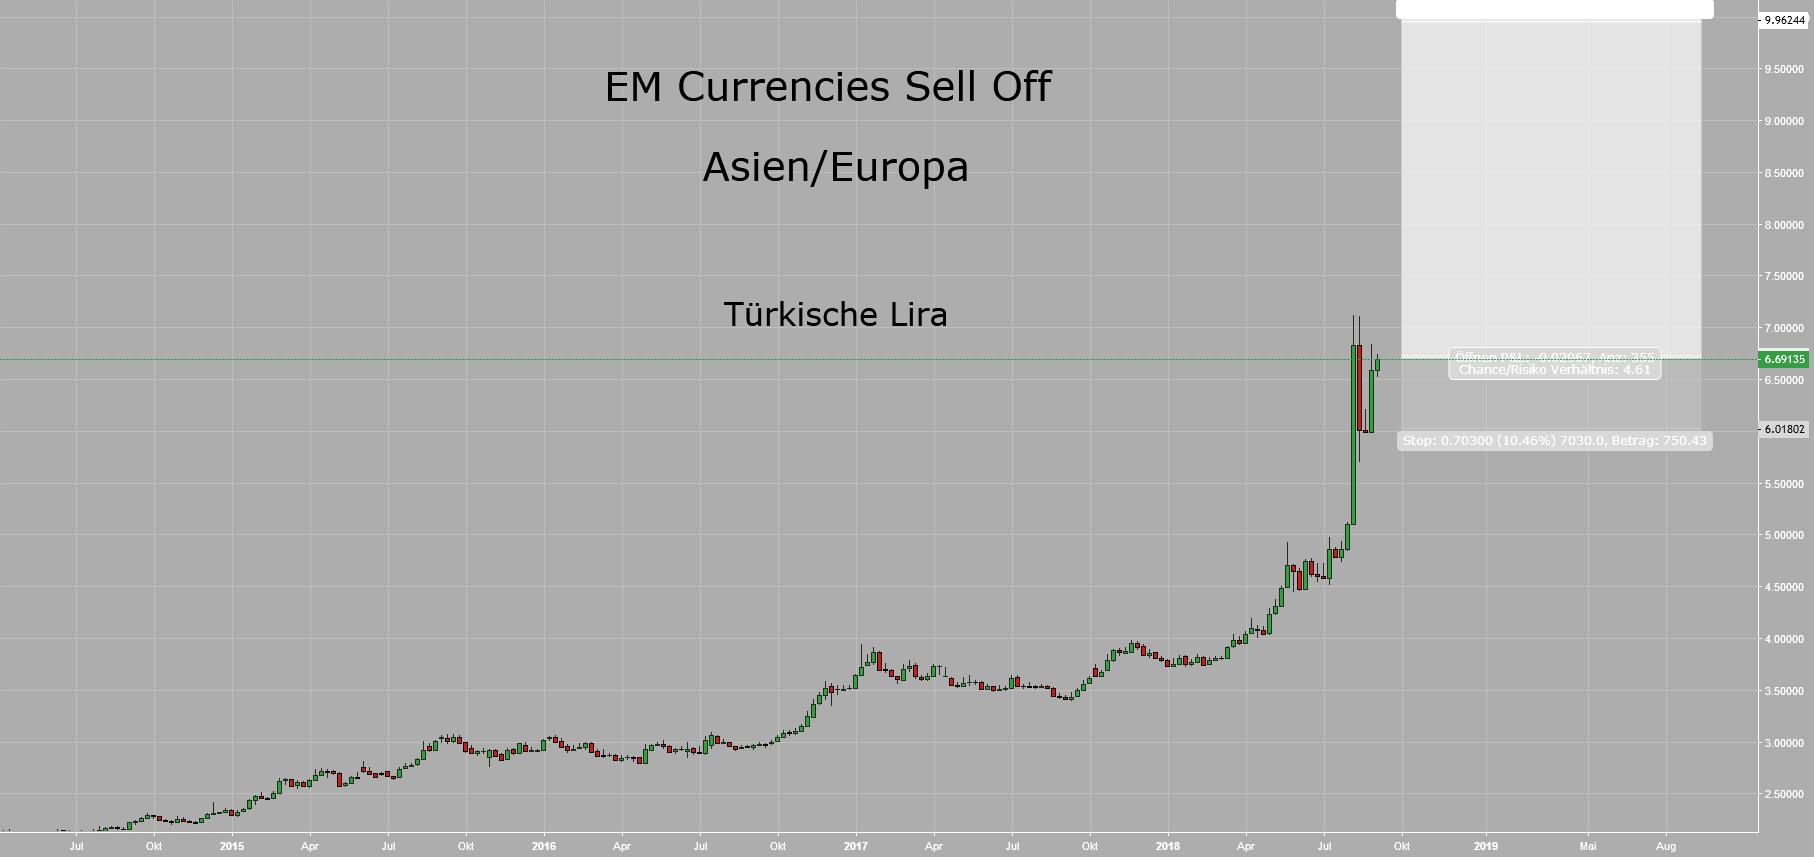 EM Currencies Sell Off V - Asien/Europa I: Türkische Lira